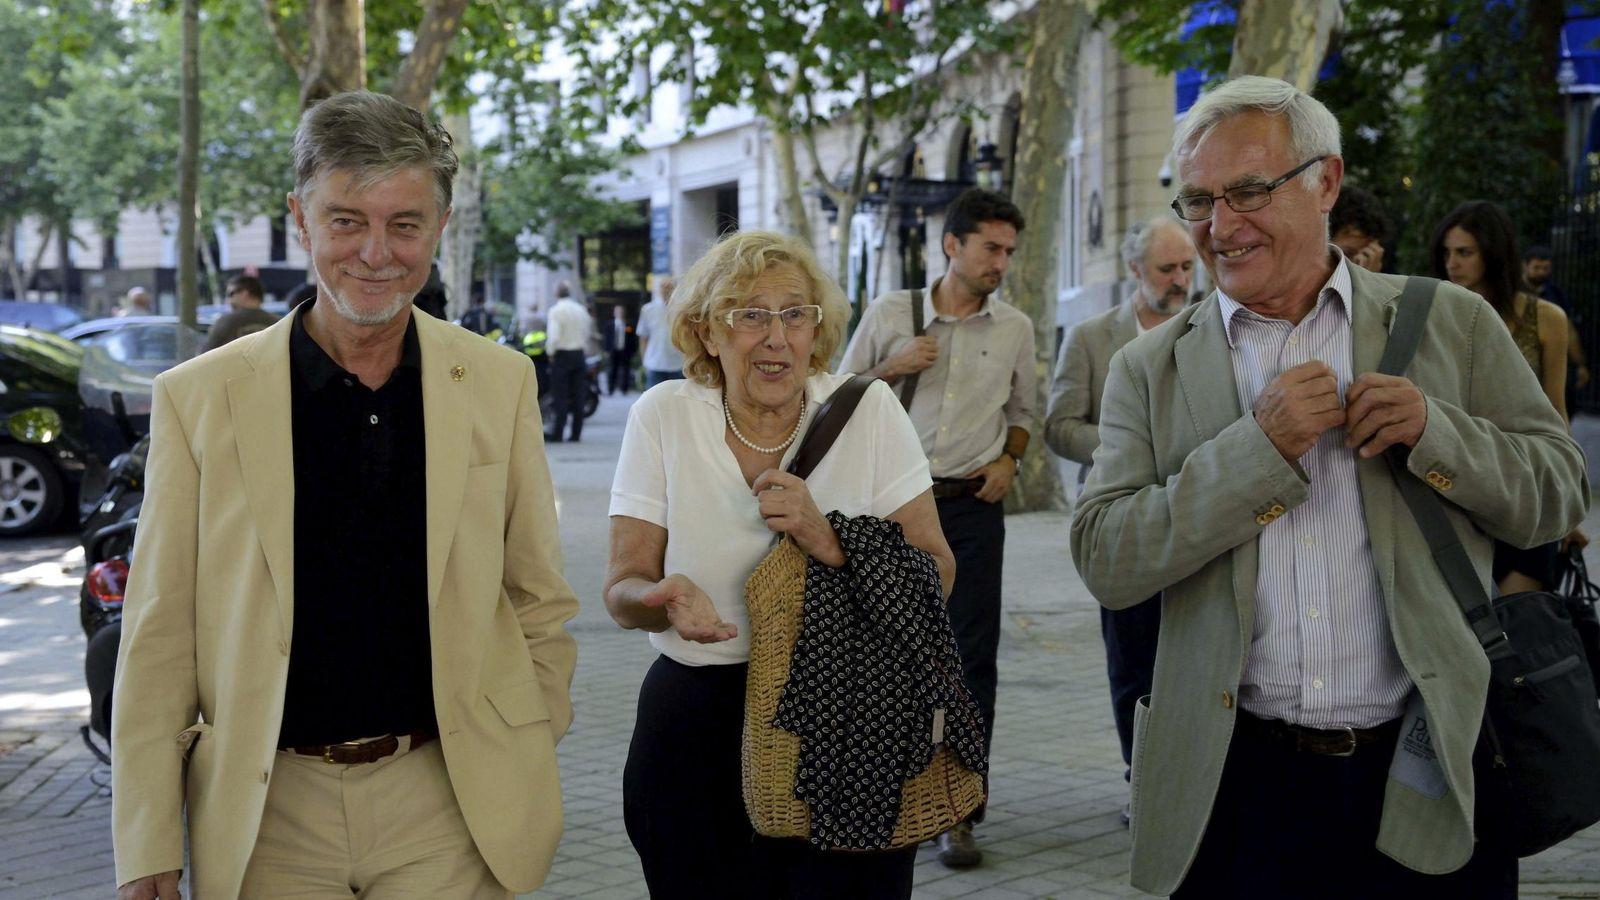 Foto: La alcaldesa Manuela Carmena junto a los alcaldes de Zaragoza y Valencia, Pedro Santisteve (i) y Joan Ribó (d). (Efe)